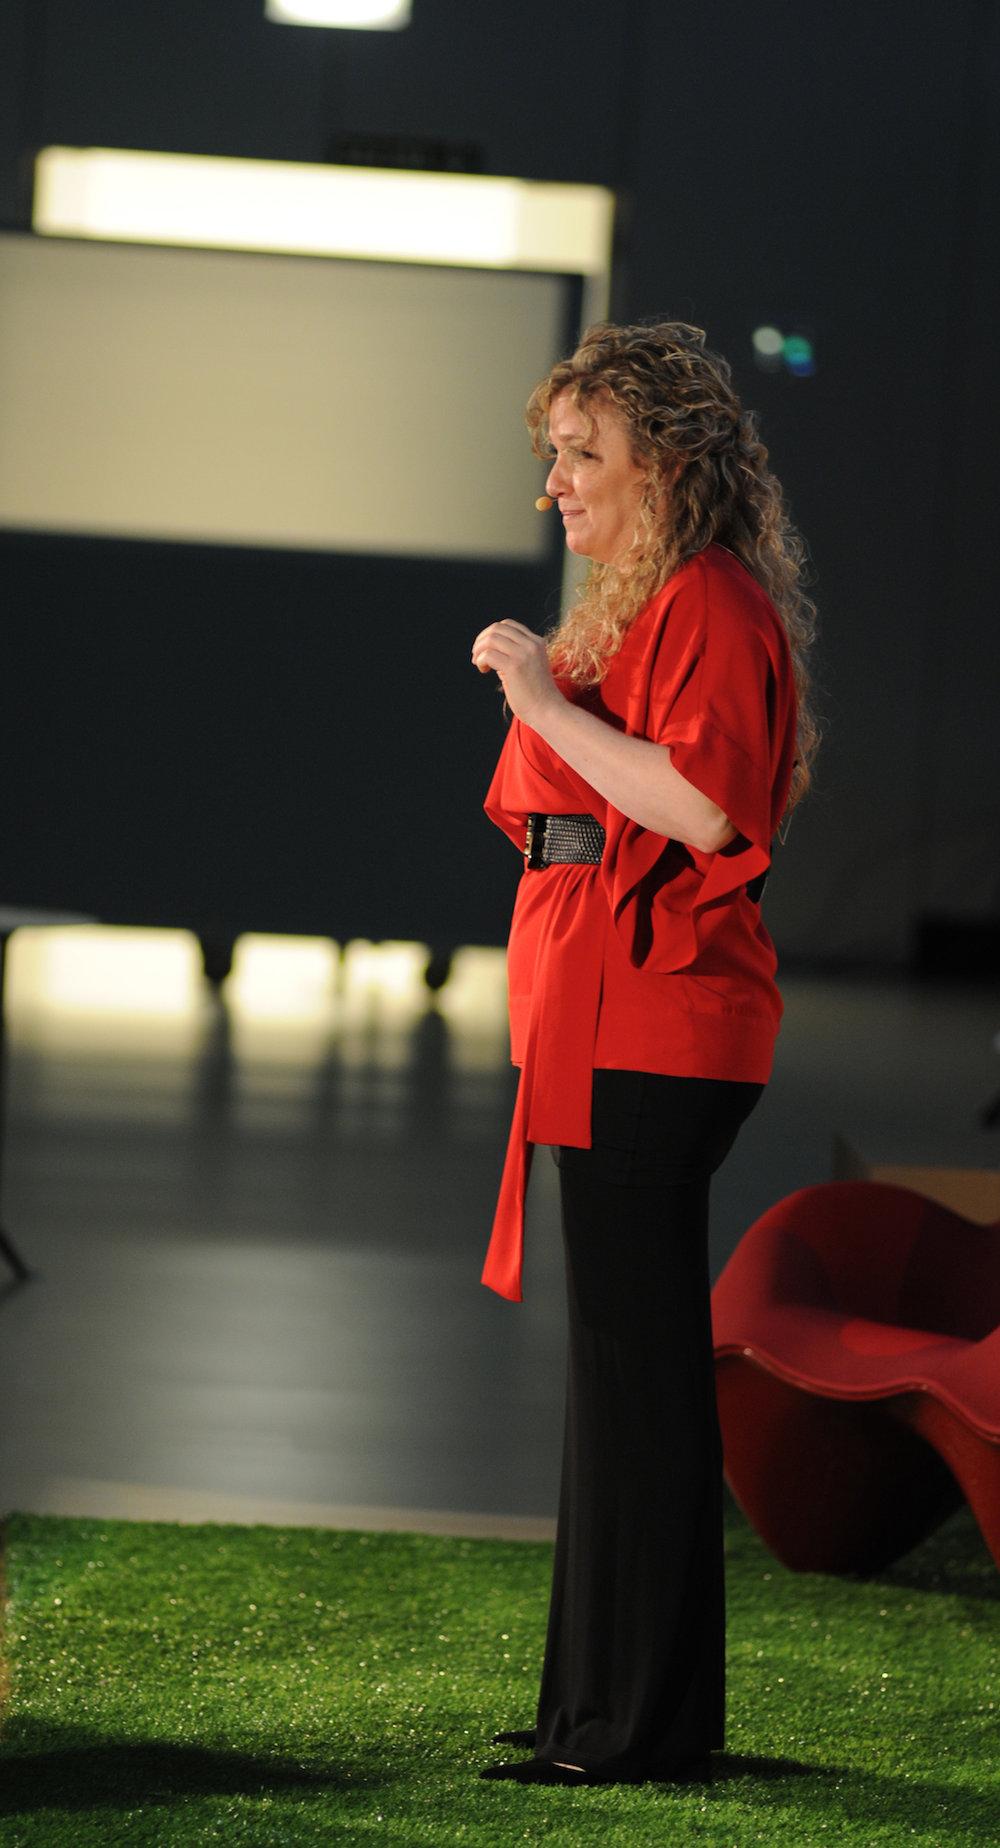 Allison_Massari_TEDx.jpg